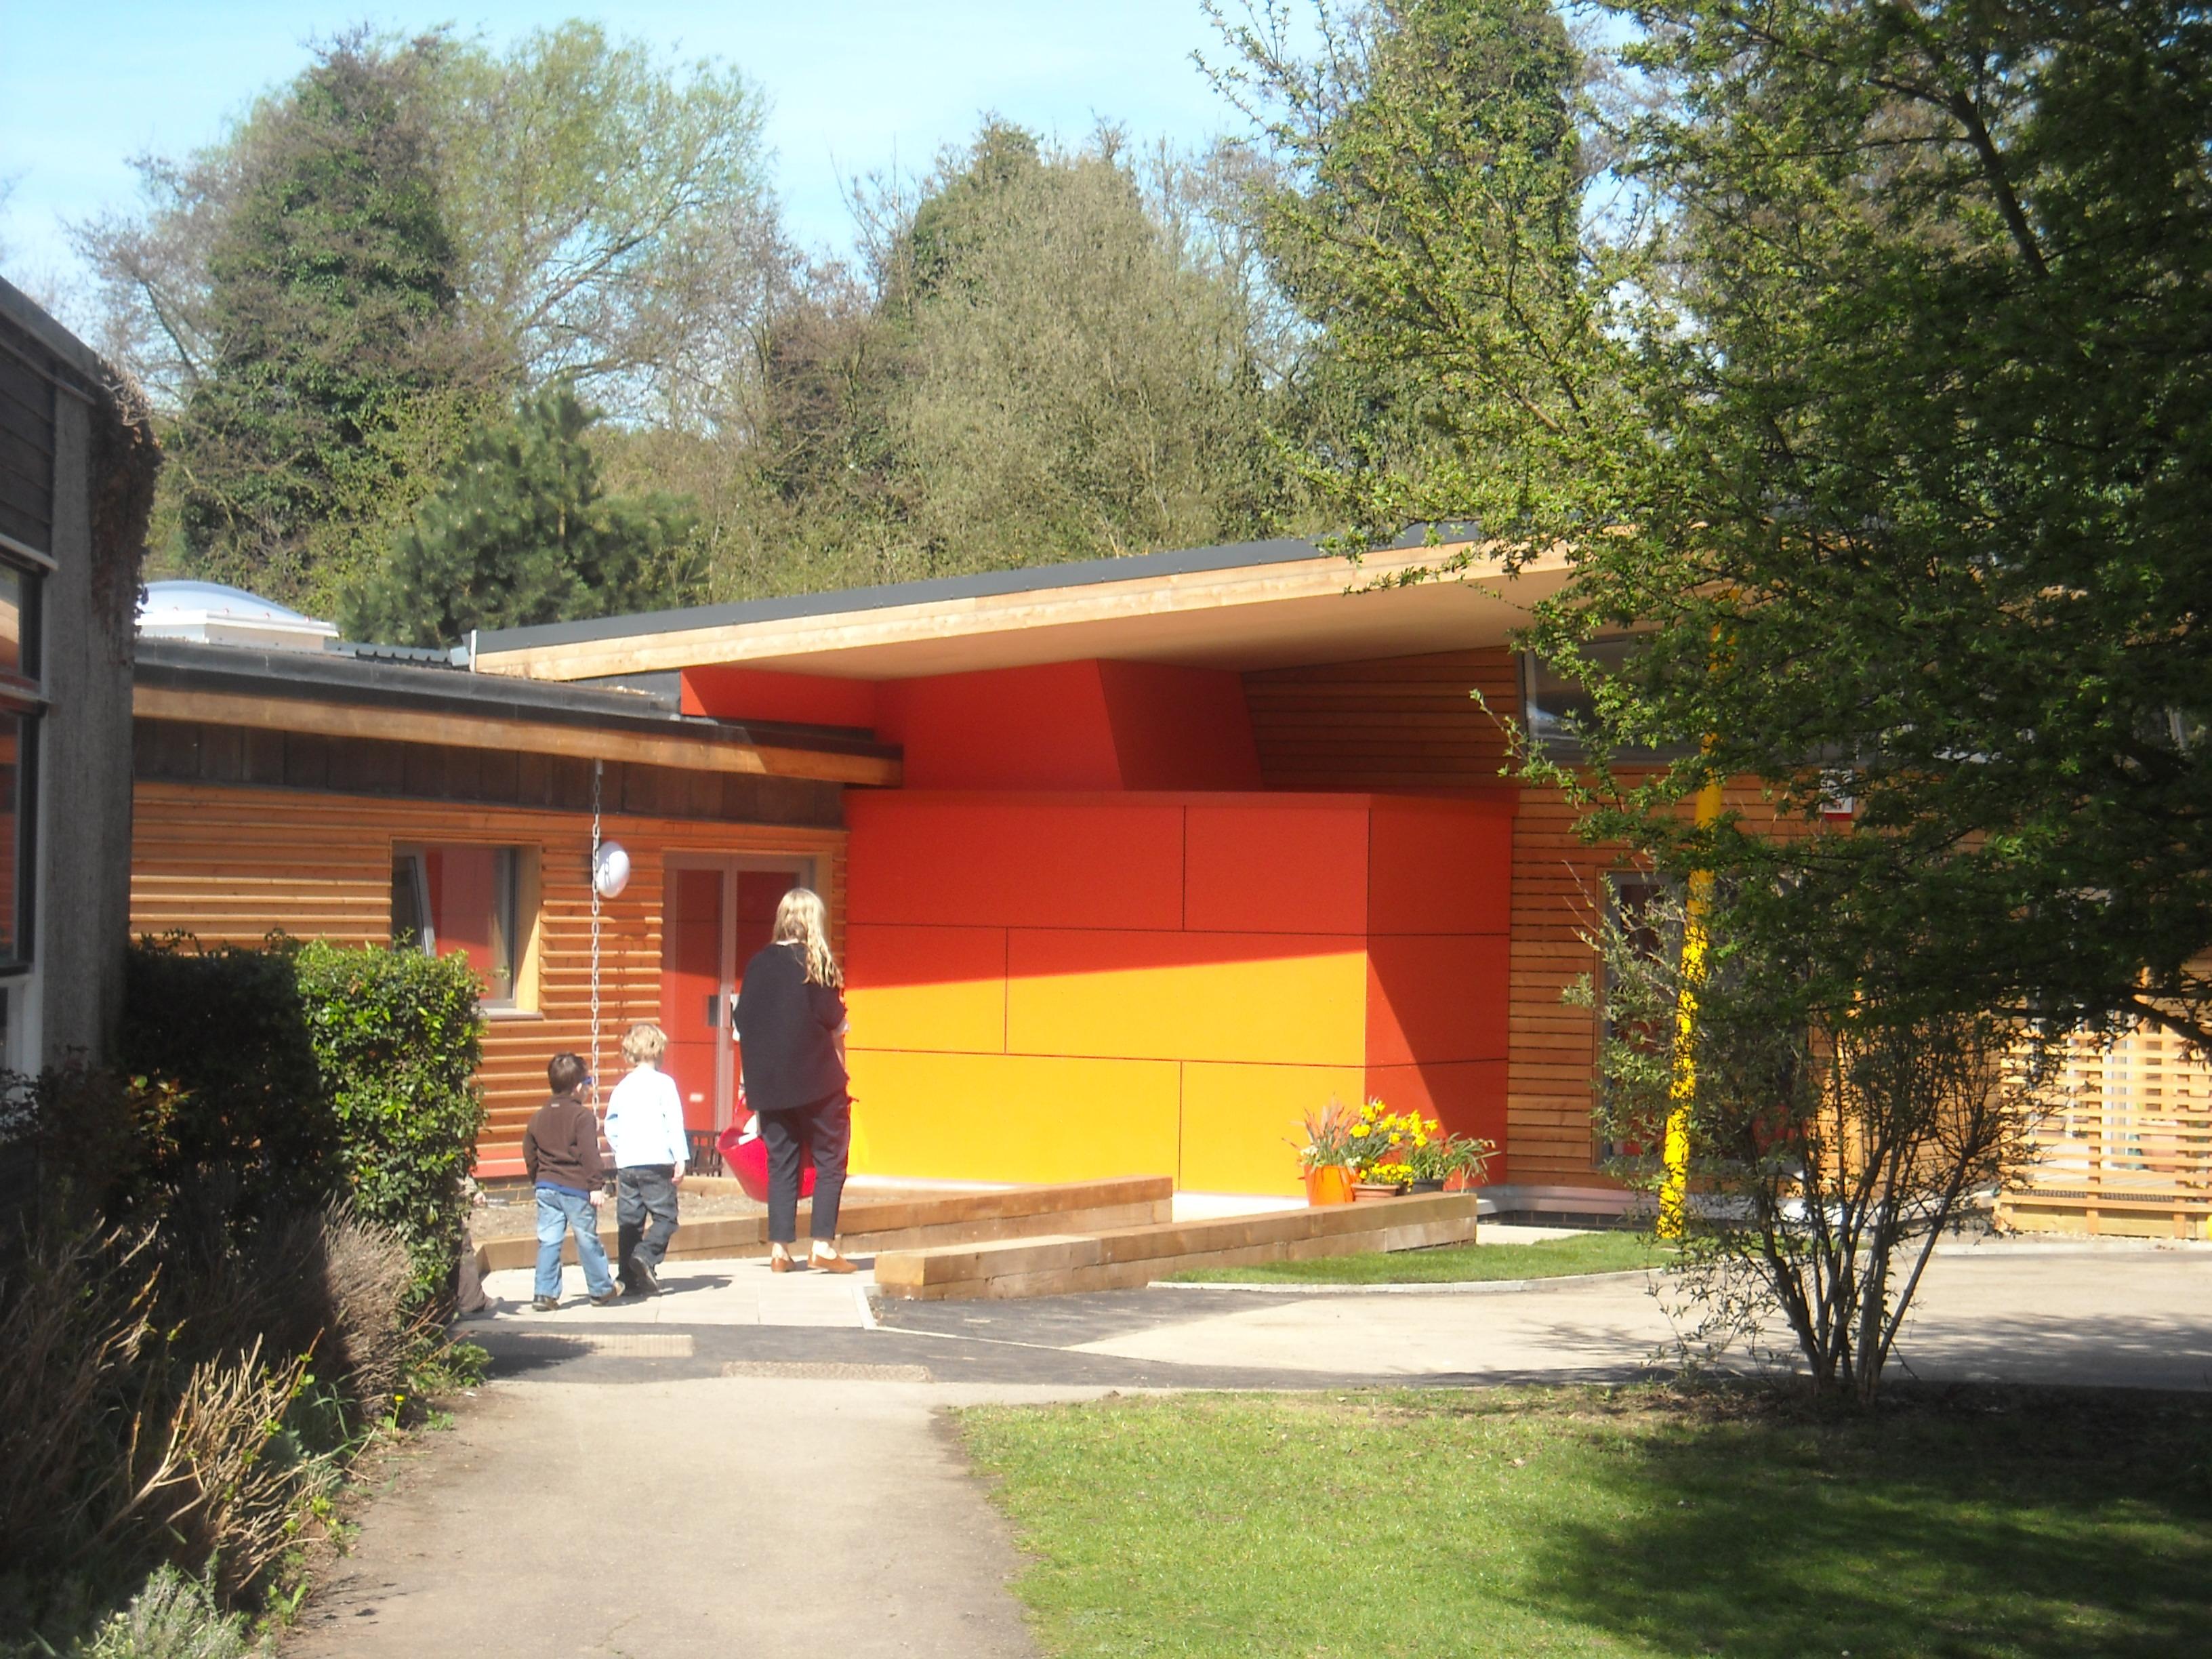 Green Roof School